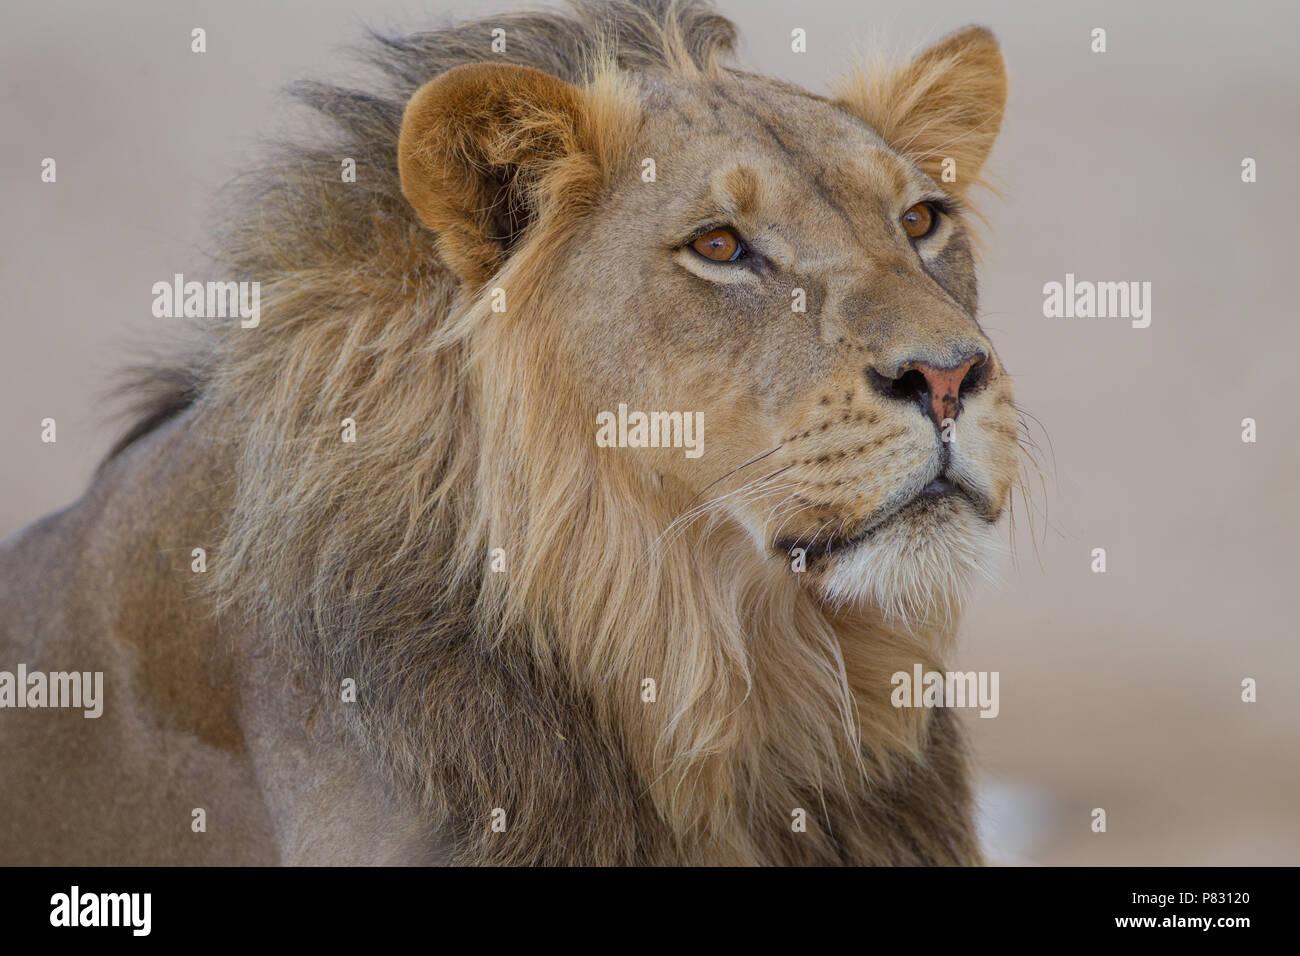 Homme lion du désert du Kalahari en porrait Photo Stock